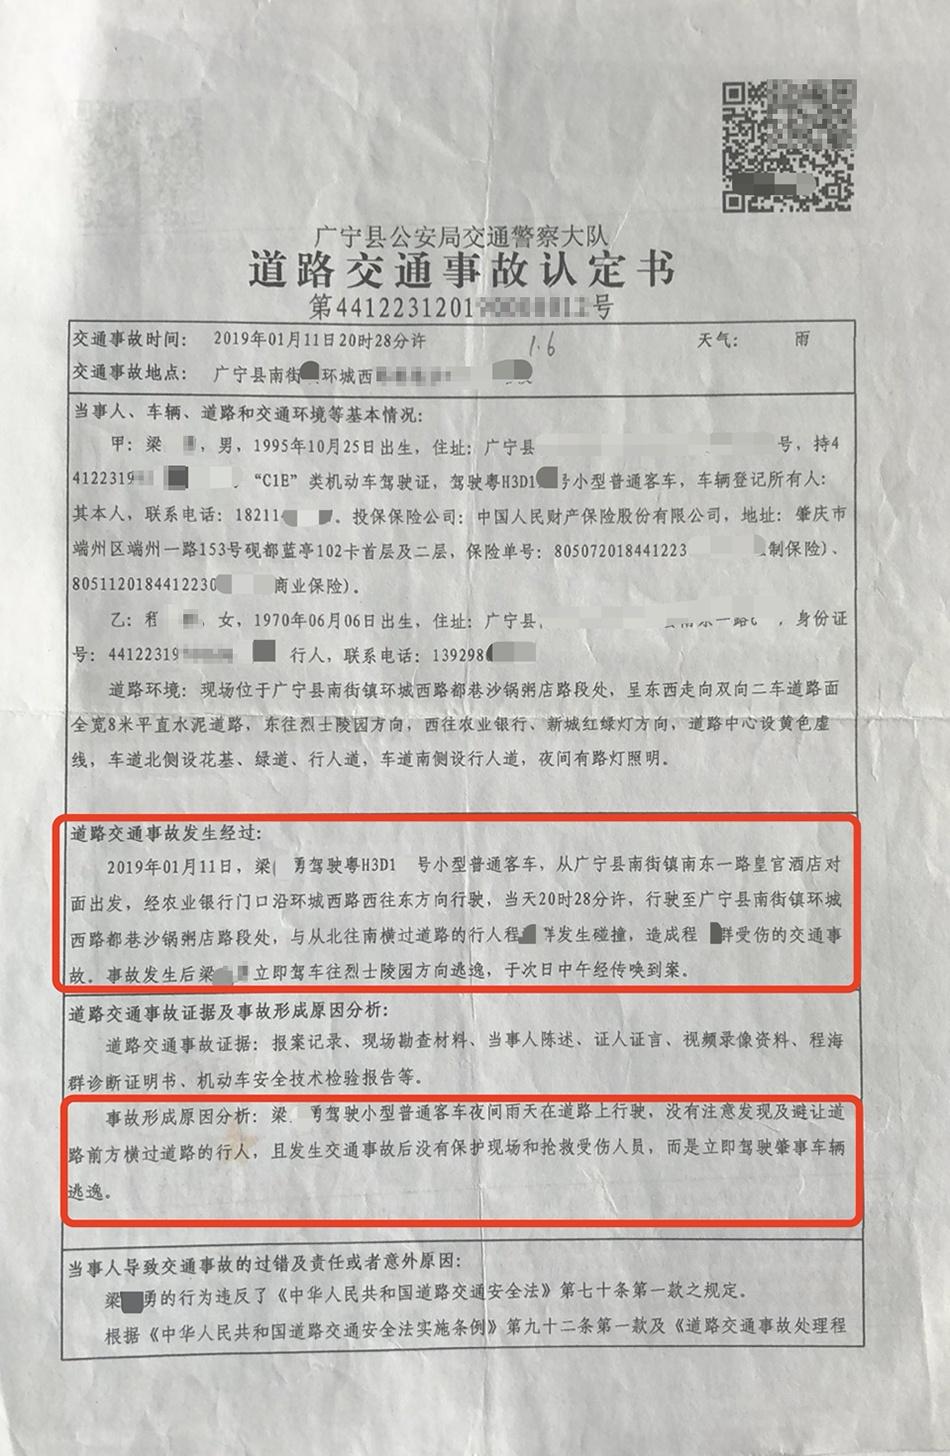 http://www.weixinrensheng.com/lishi/1918109.html